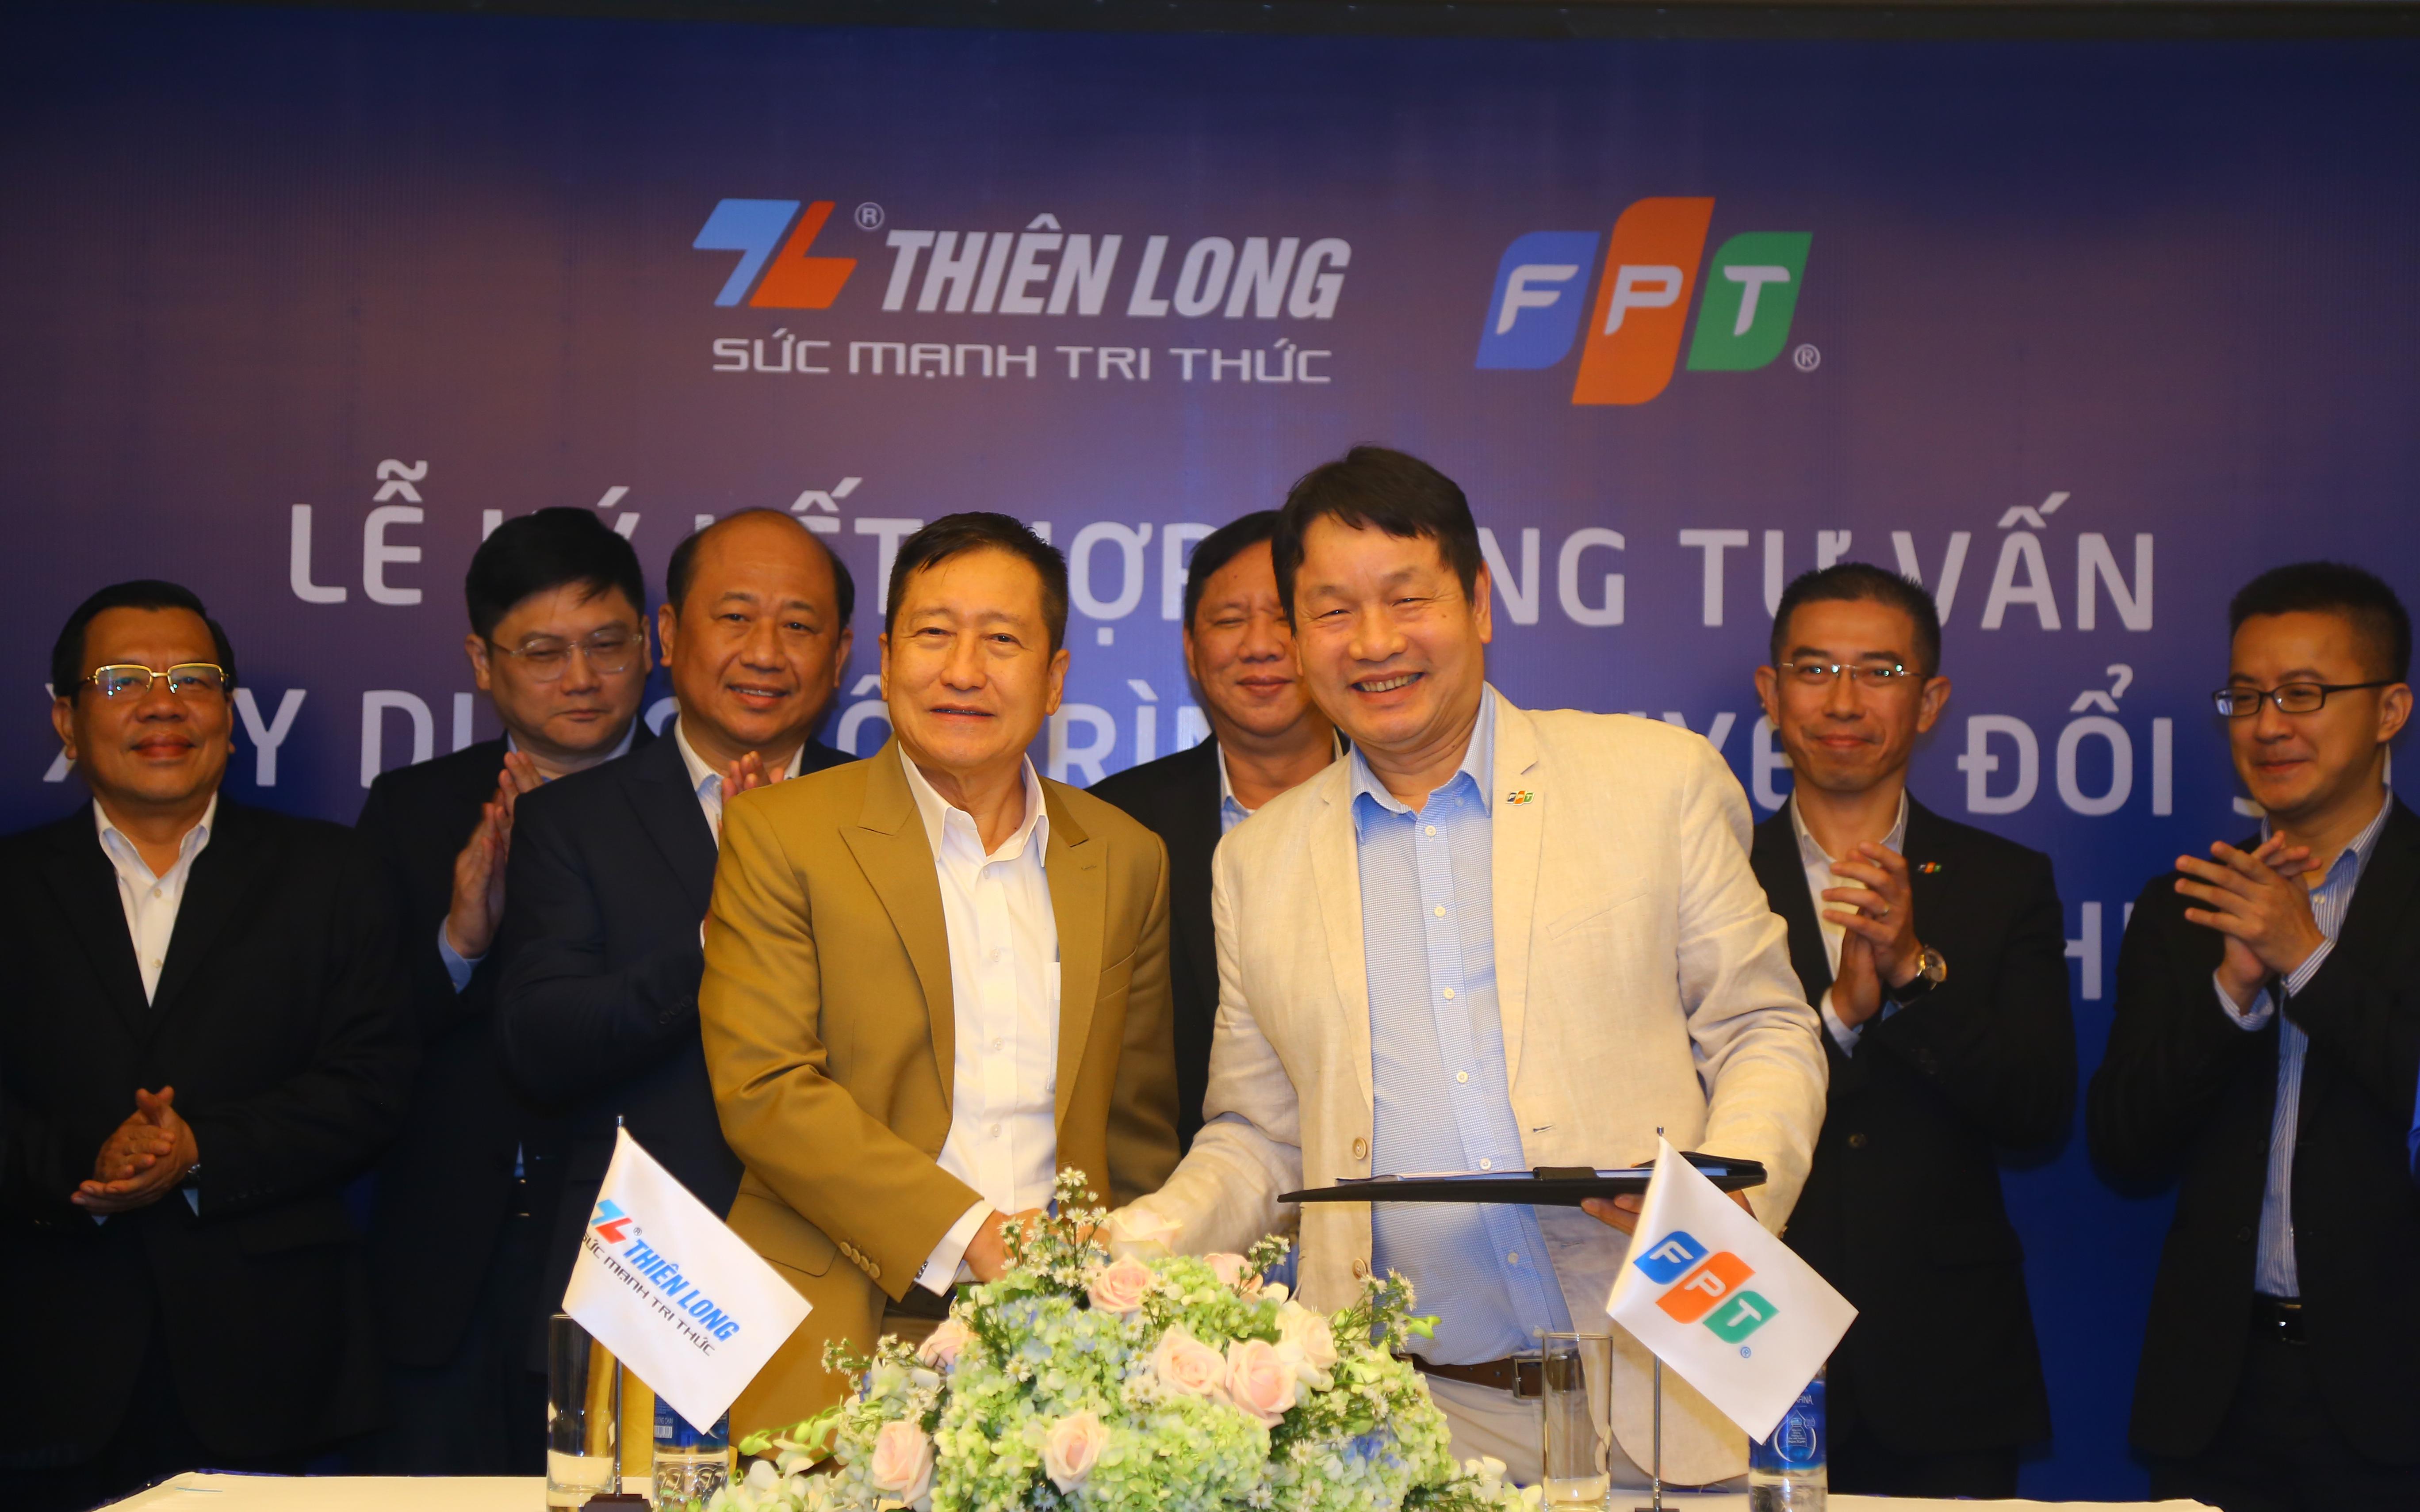 Nhắm mốc doanh thu Thiên Long 10.000 tỷ đồng trong 5 năm tới, ông Cô Gia Thọ nhờ ông Trương Gia Bình tư vấn chuyển đổi số